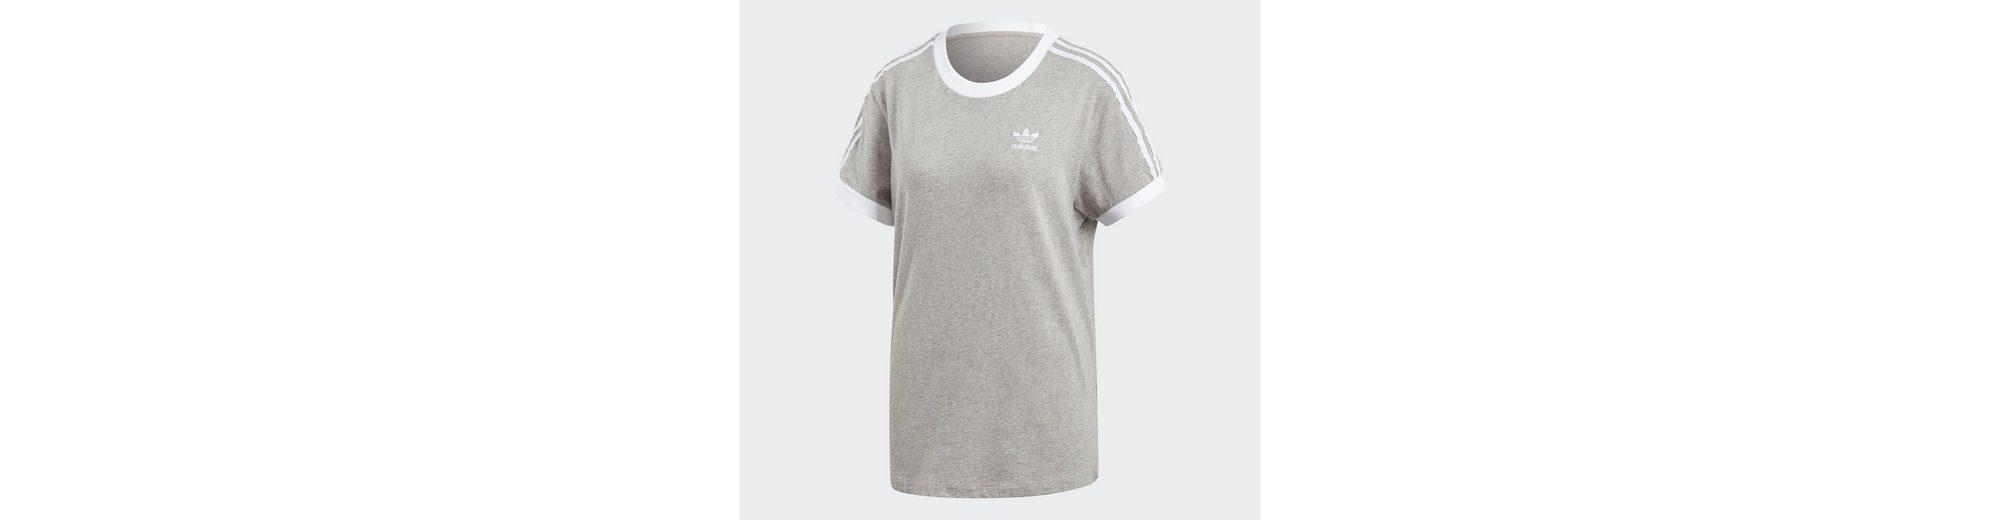 adidas Originals Sporttop 3-Streifen T-Shirt Verkauf Erstaunlicher Preis Beliebt Zu Verkaufen VFvhap